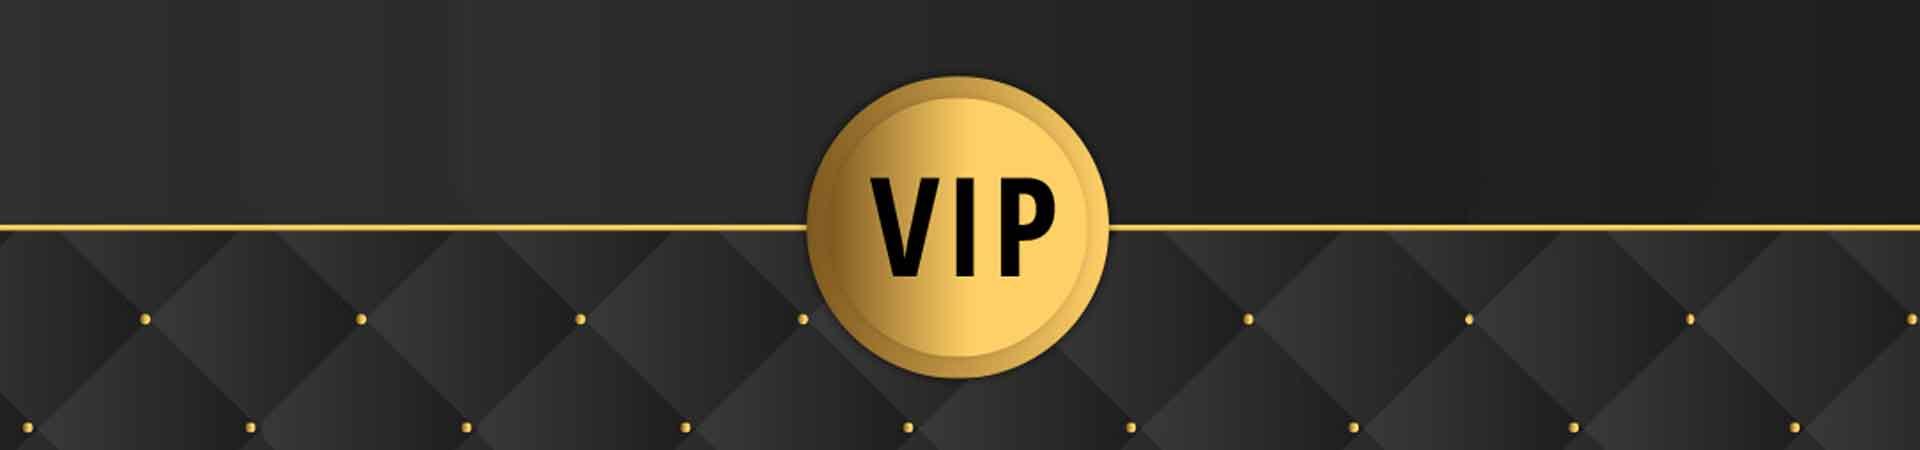 Skin Center VIPs